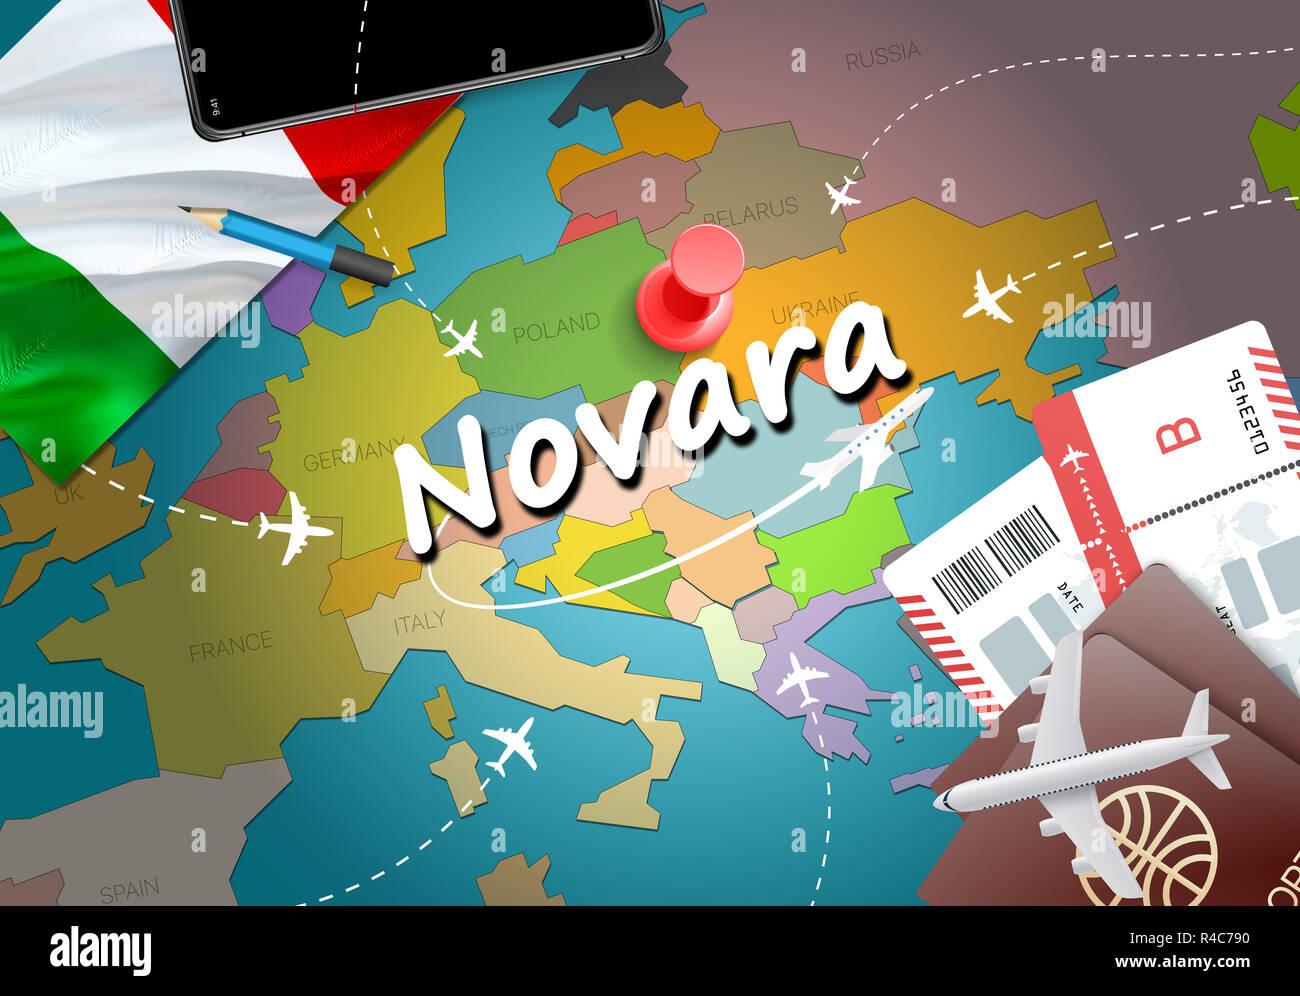 Novara Italy Map.Novara City Travel And Tourism Destination Concept Italy Flag And